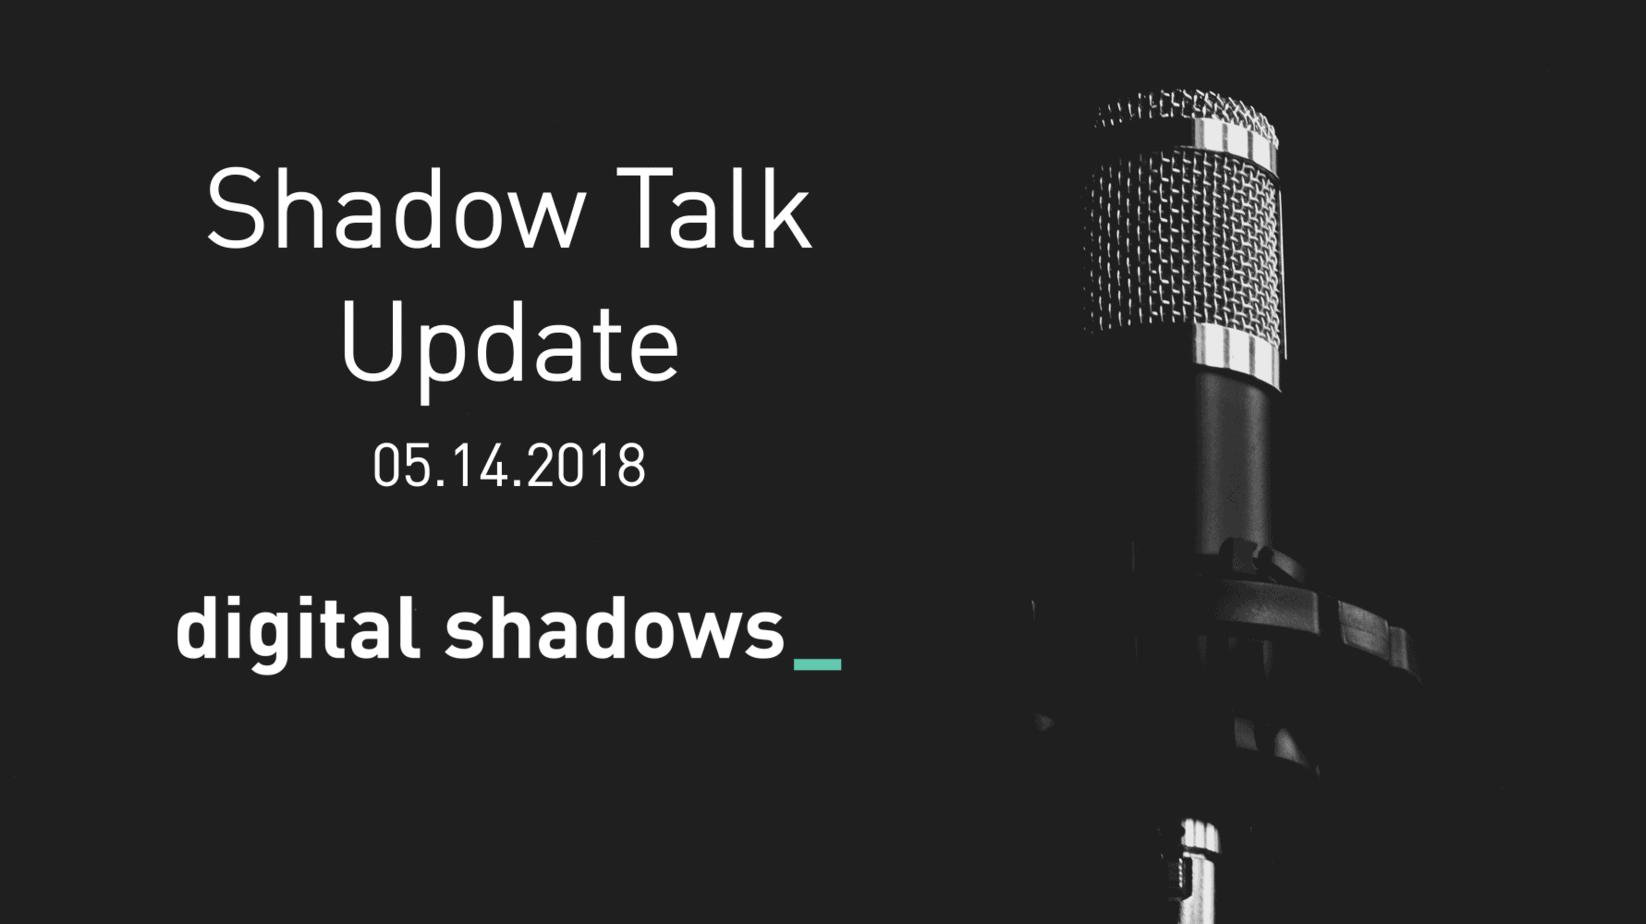 Shadow Talk Update – 05.14.2018